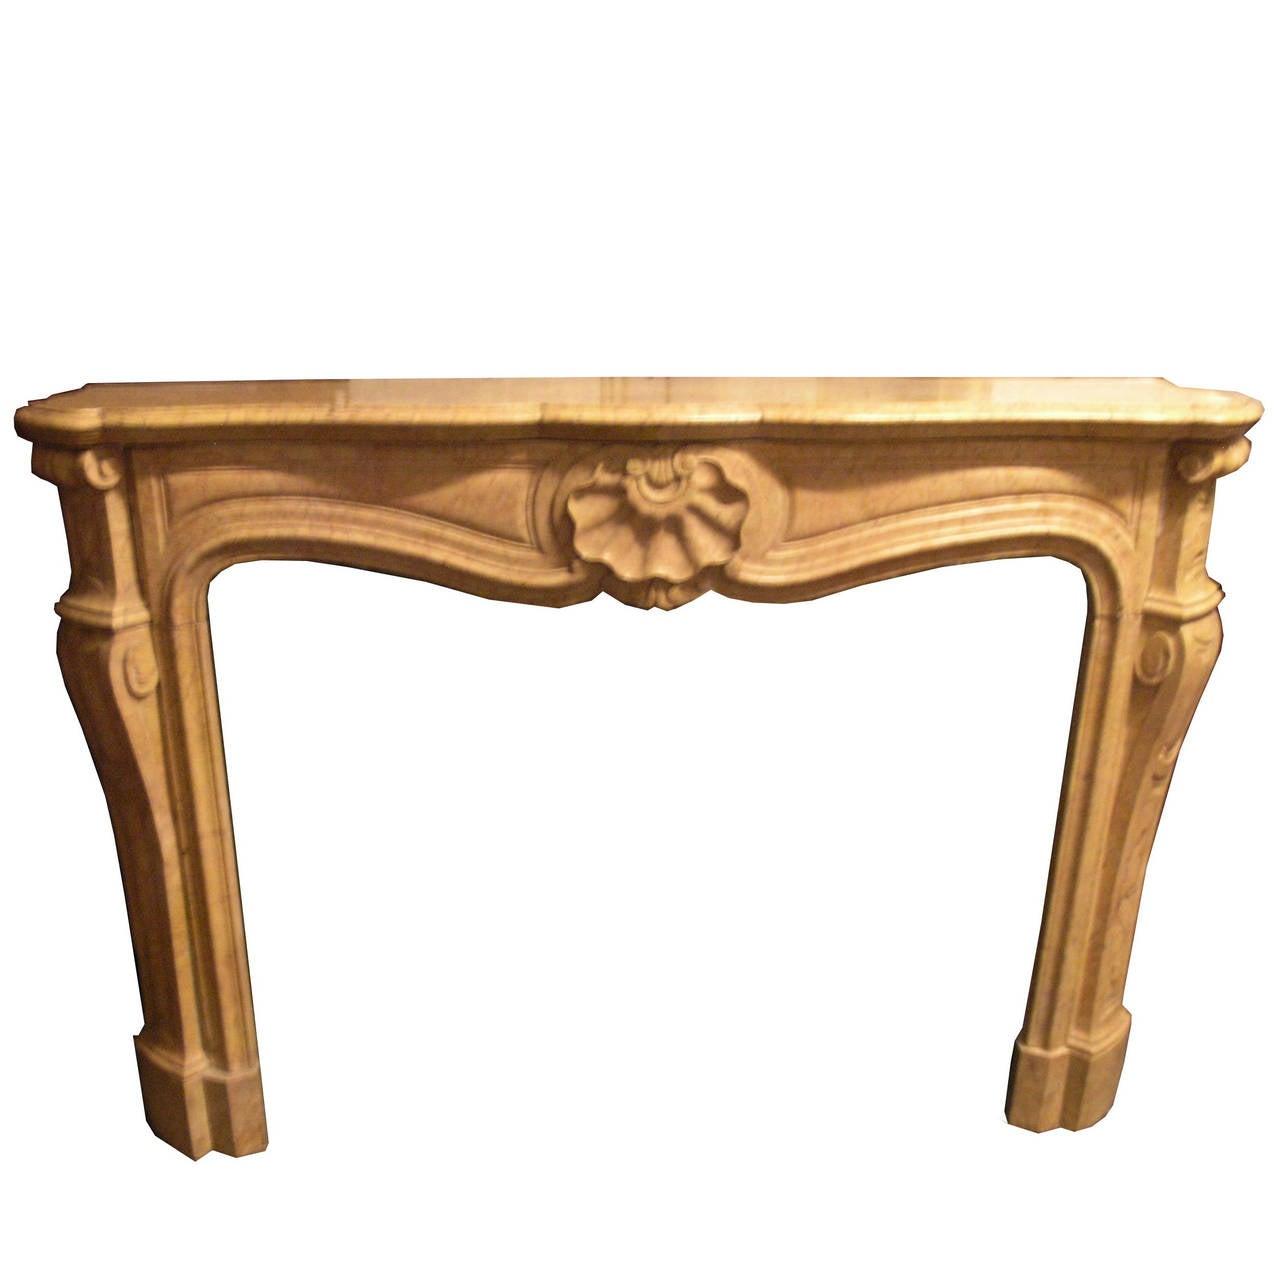 Antique Pietra Gialla Di Verona Fireplace Mantel